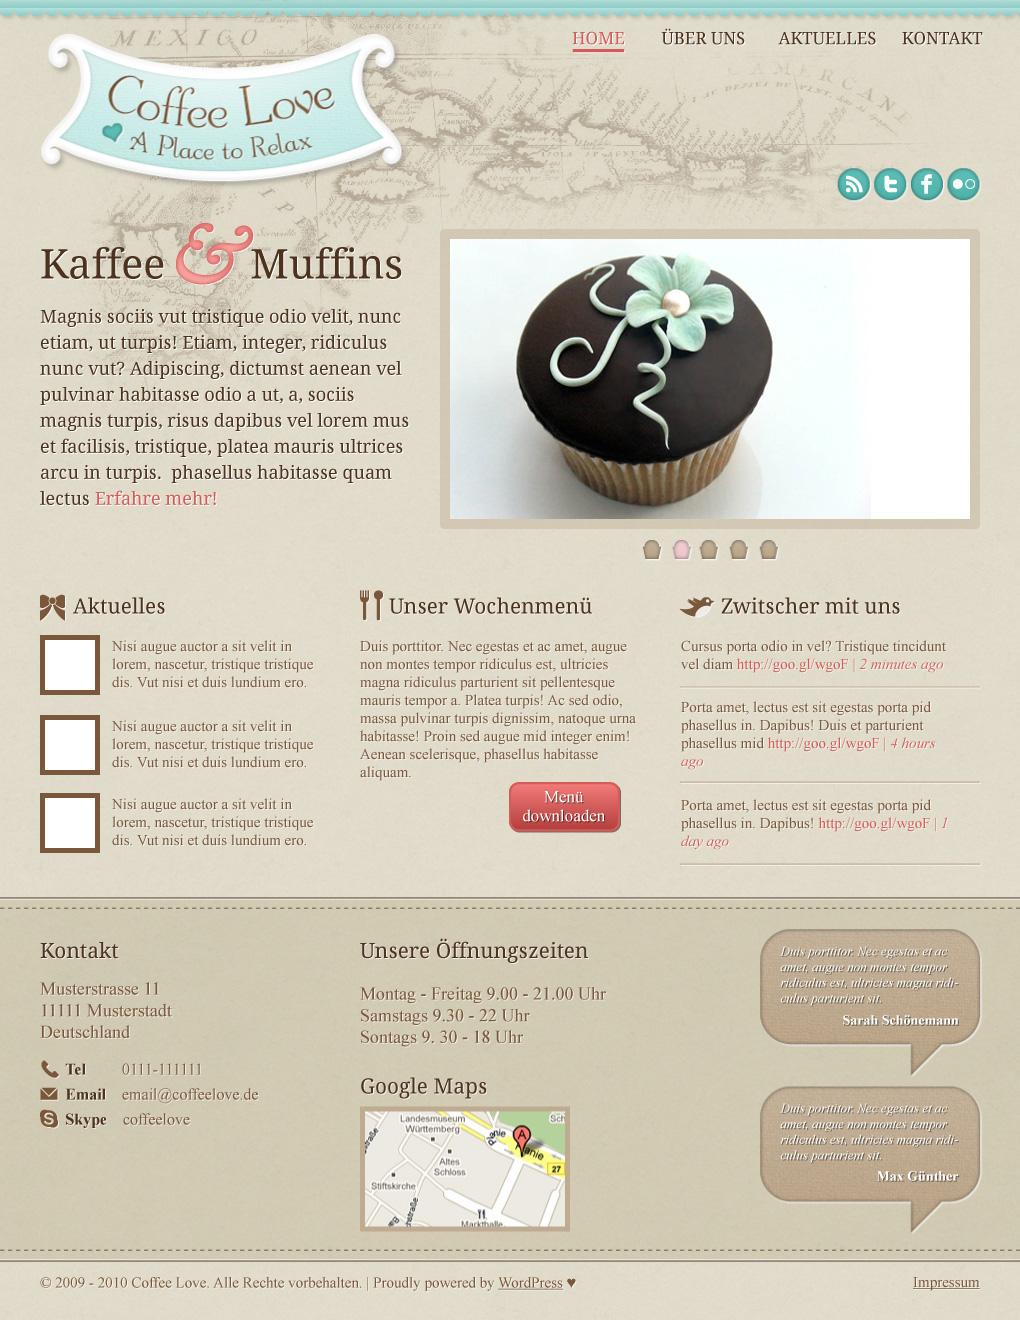 Fantastisch Web Entwicklung Zitat Vorlage Galerie - Beispiel ...